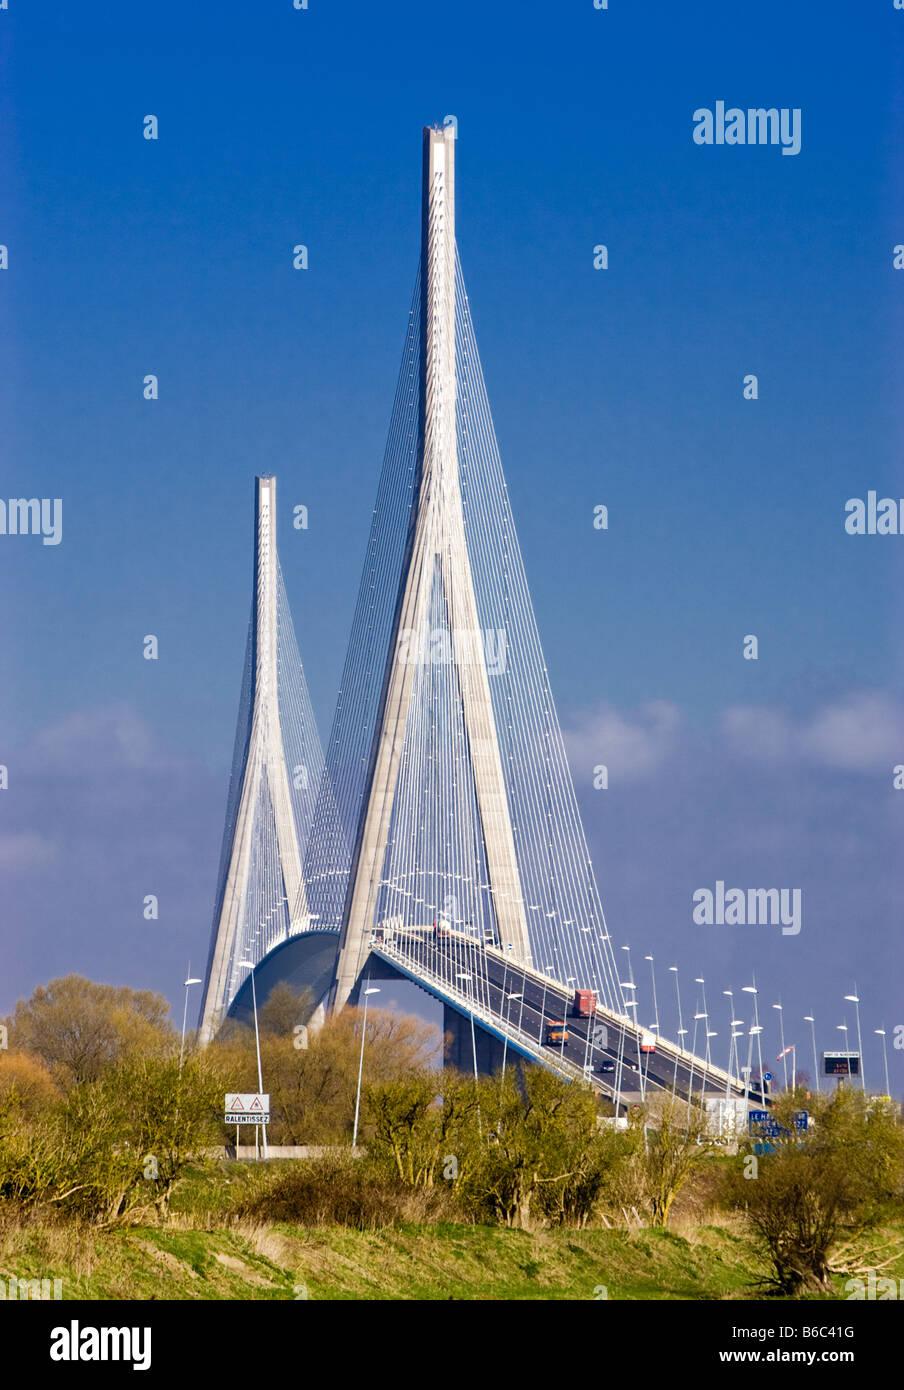 Pont de Normandie suspension bridge over the Seine at Le Harve, Normandy, France - Stock Image